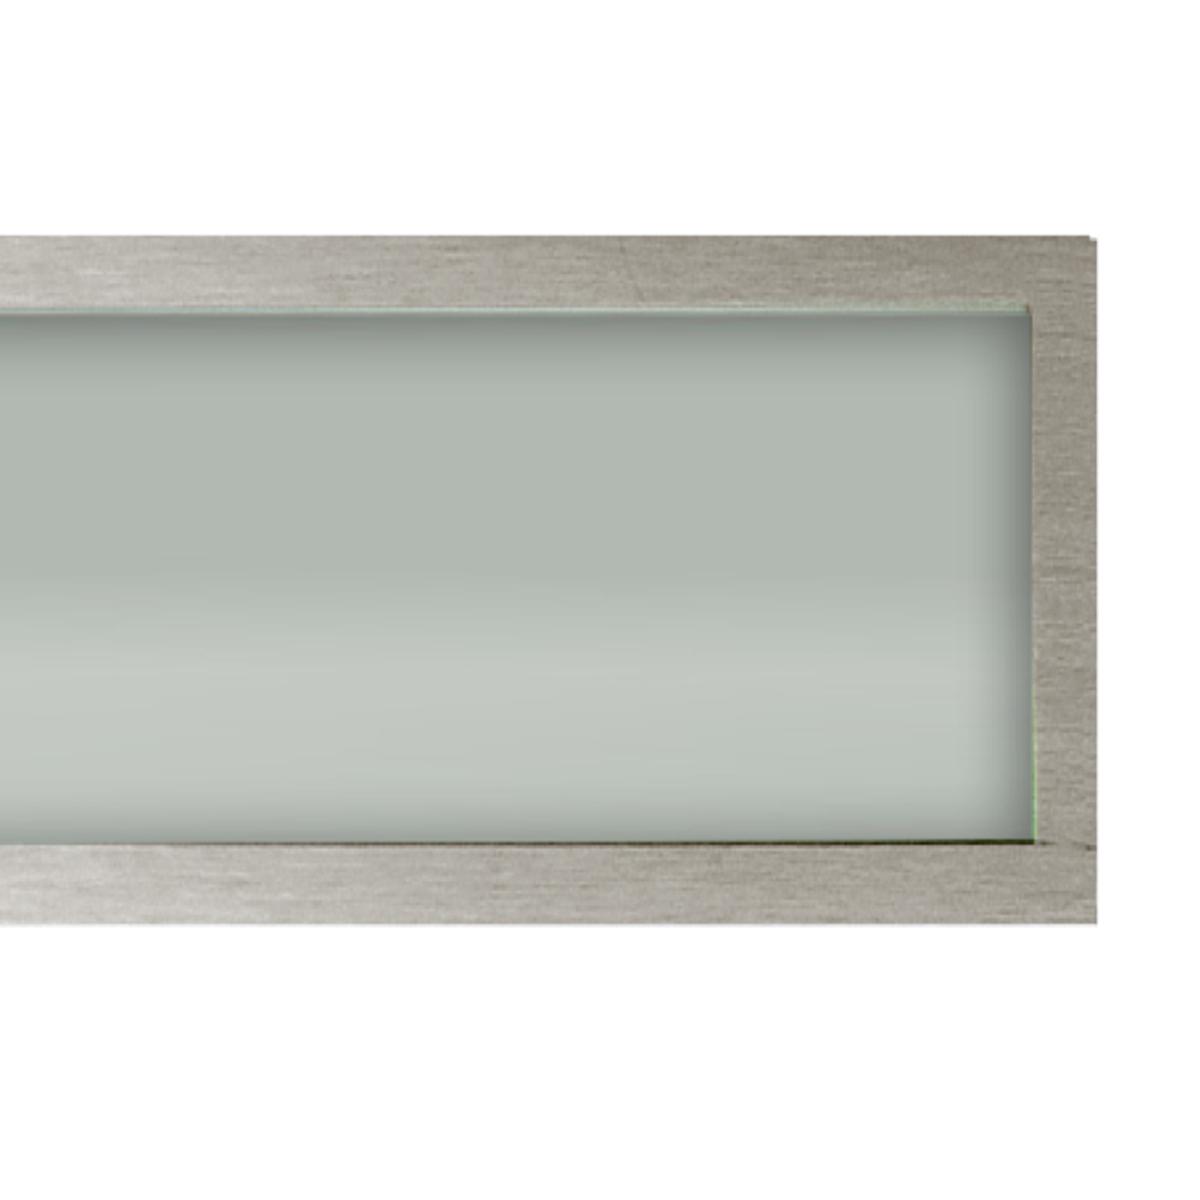 Plafon Space Emb. Ret. 135cm Alum. Vidro Fosco 2x40w Fluor.  Escovado